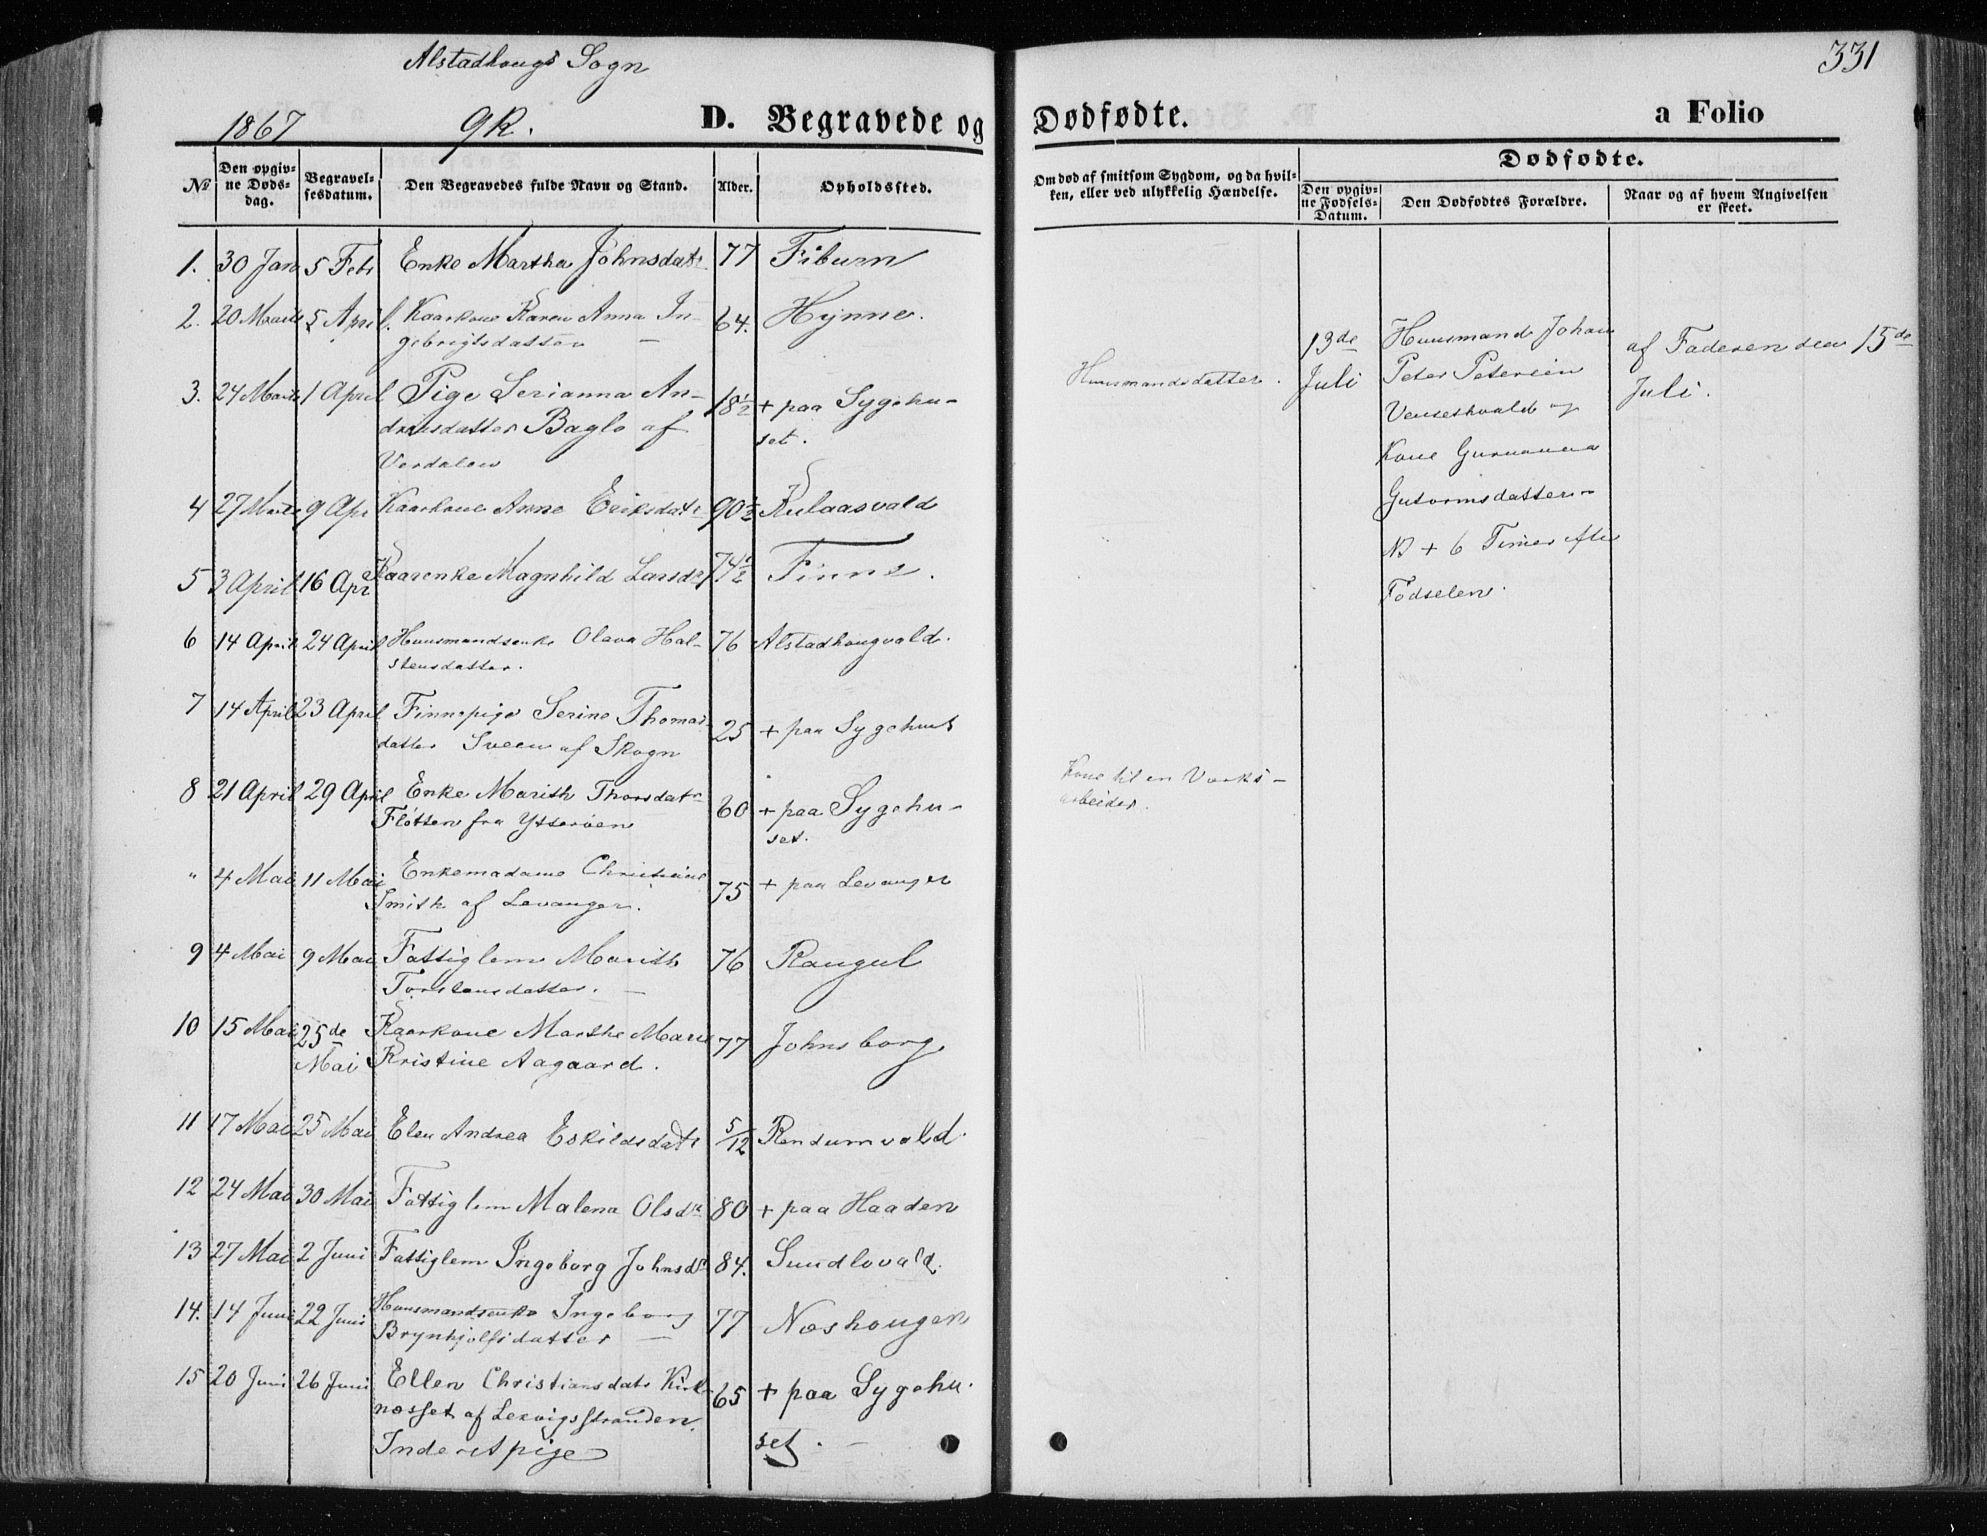 SAT, Ministerialprotokoller, klokkerbøker og fødselsregistre - Nord-Trøndelag, 717/L0157: Ministerialbok nr. 717A08 /1, 1863-1877, s. 331